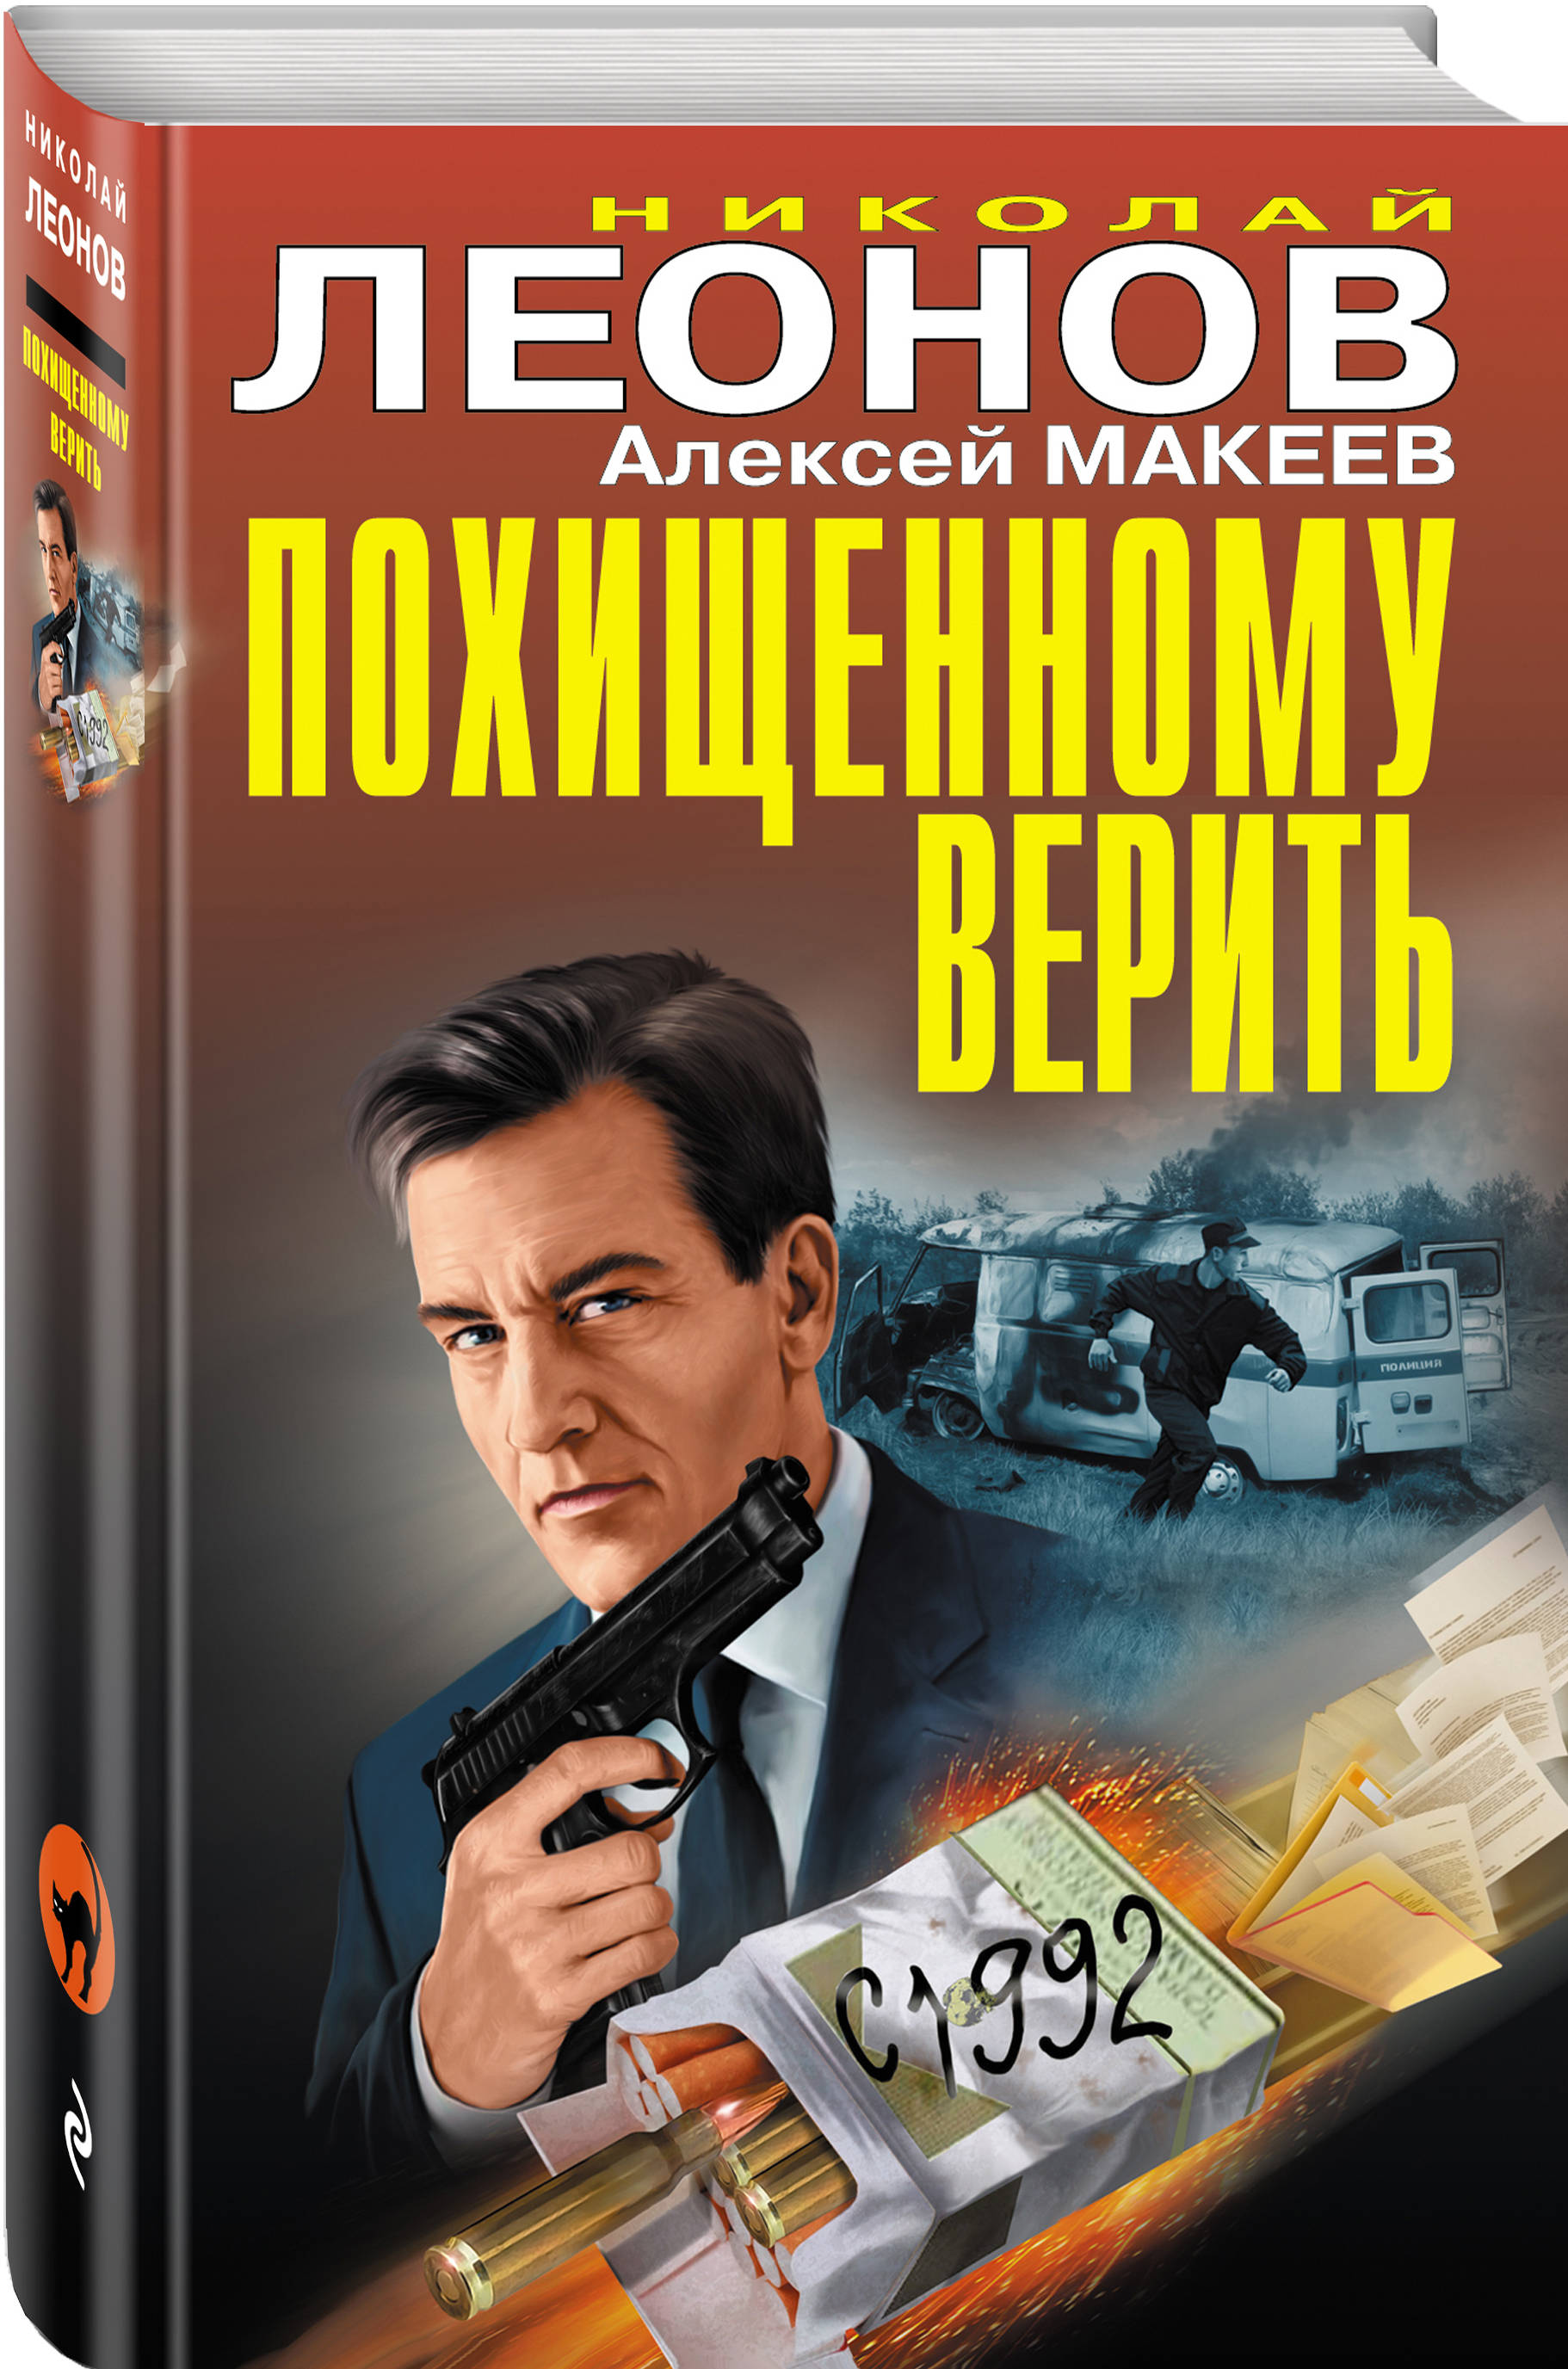 Фото - Николай Леонов, Алексей Макеев Похищенному верить николай леонов алексей макеев прививка для маньяка